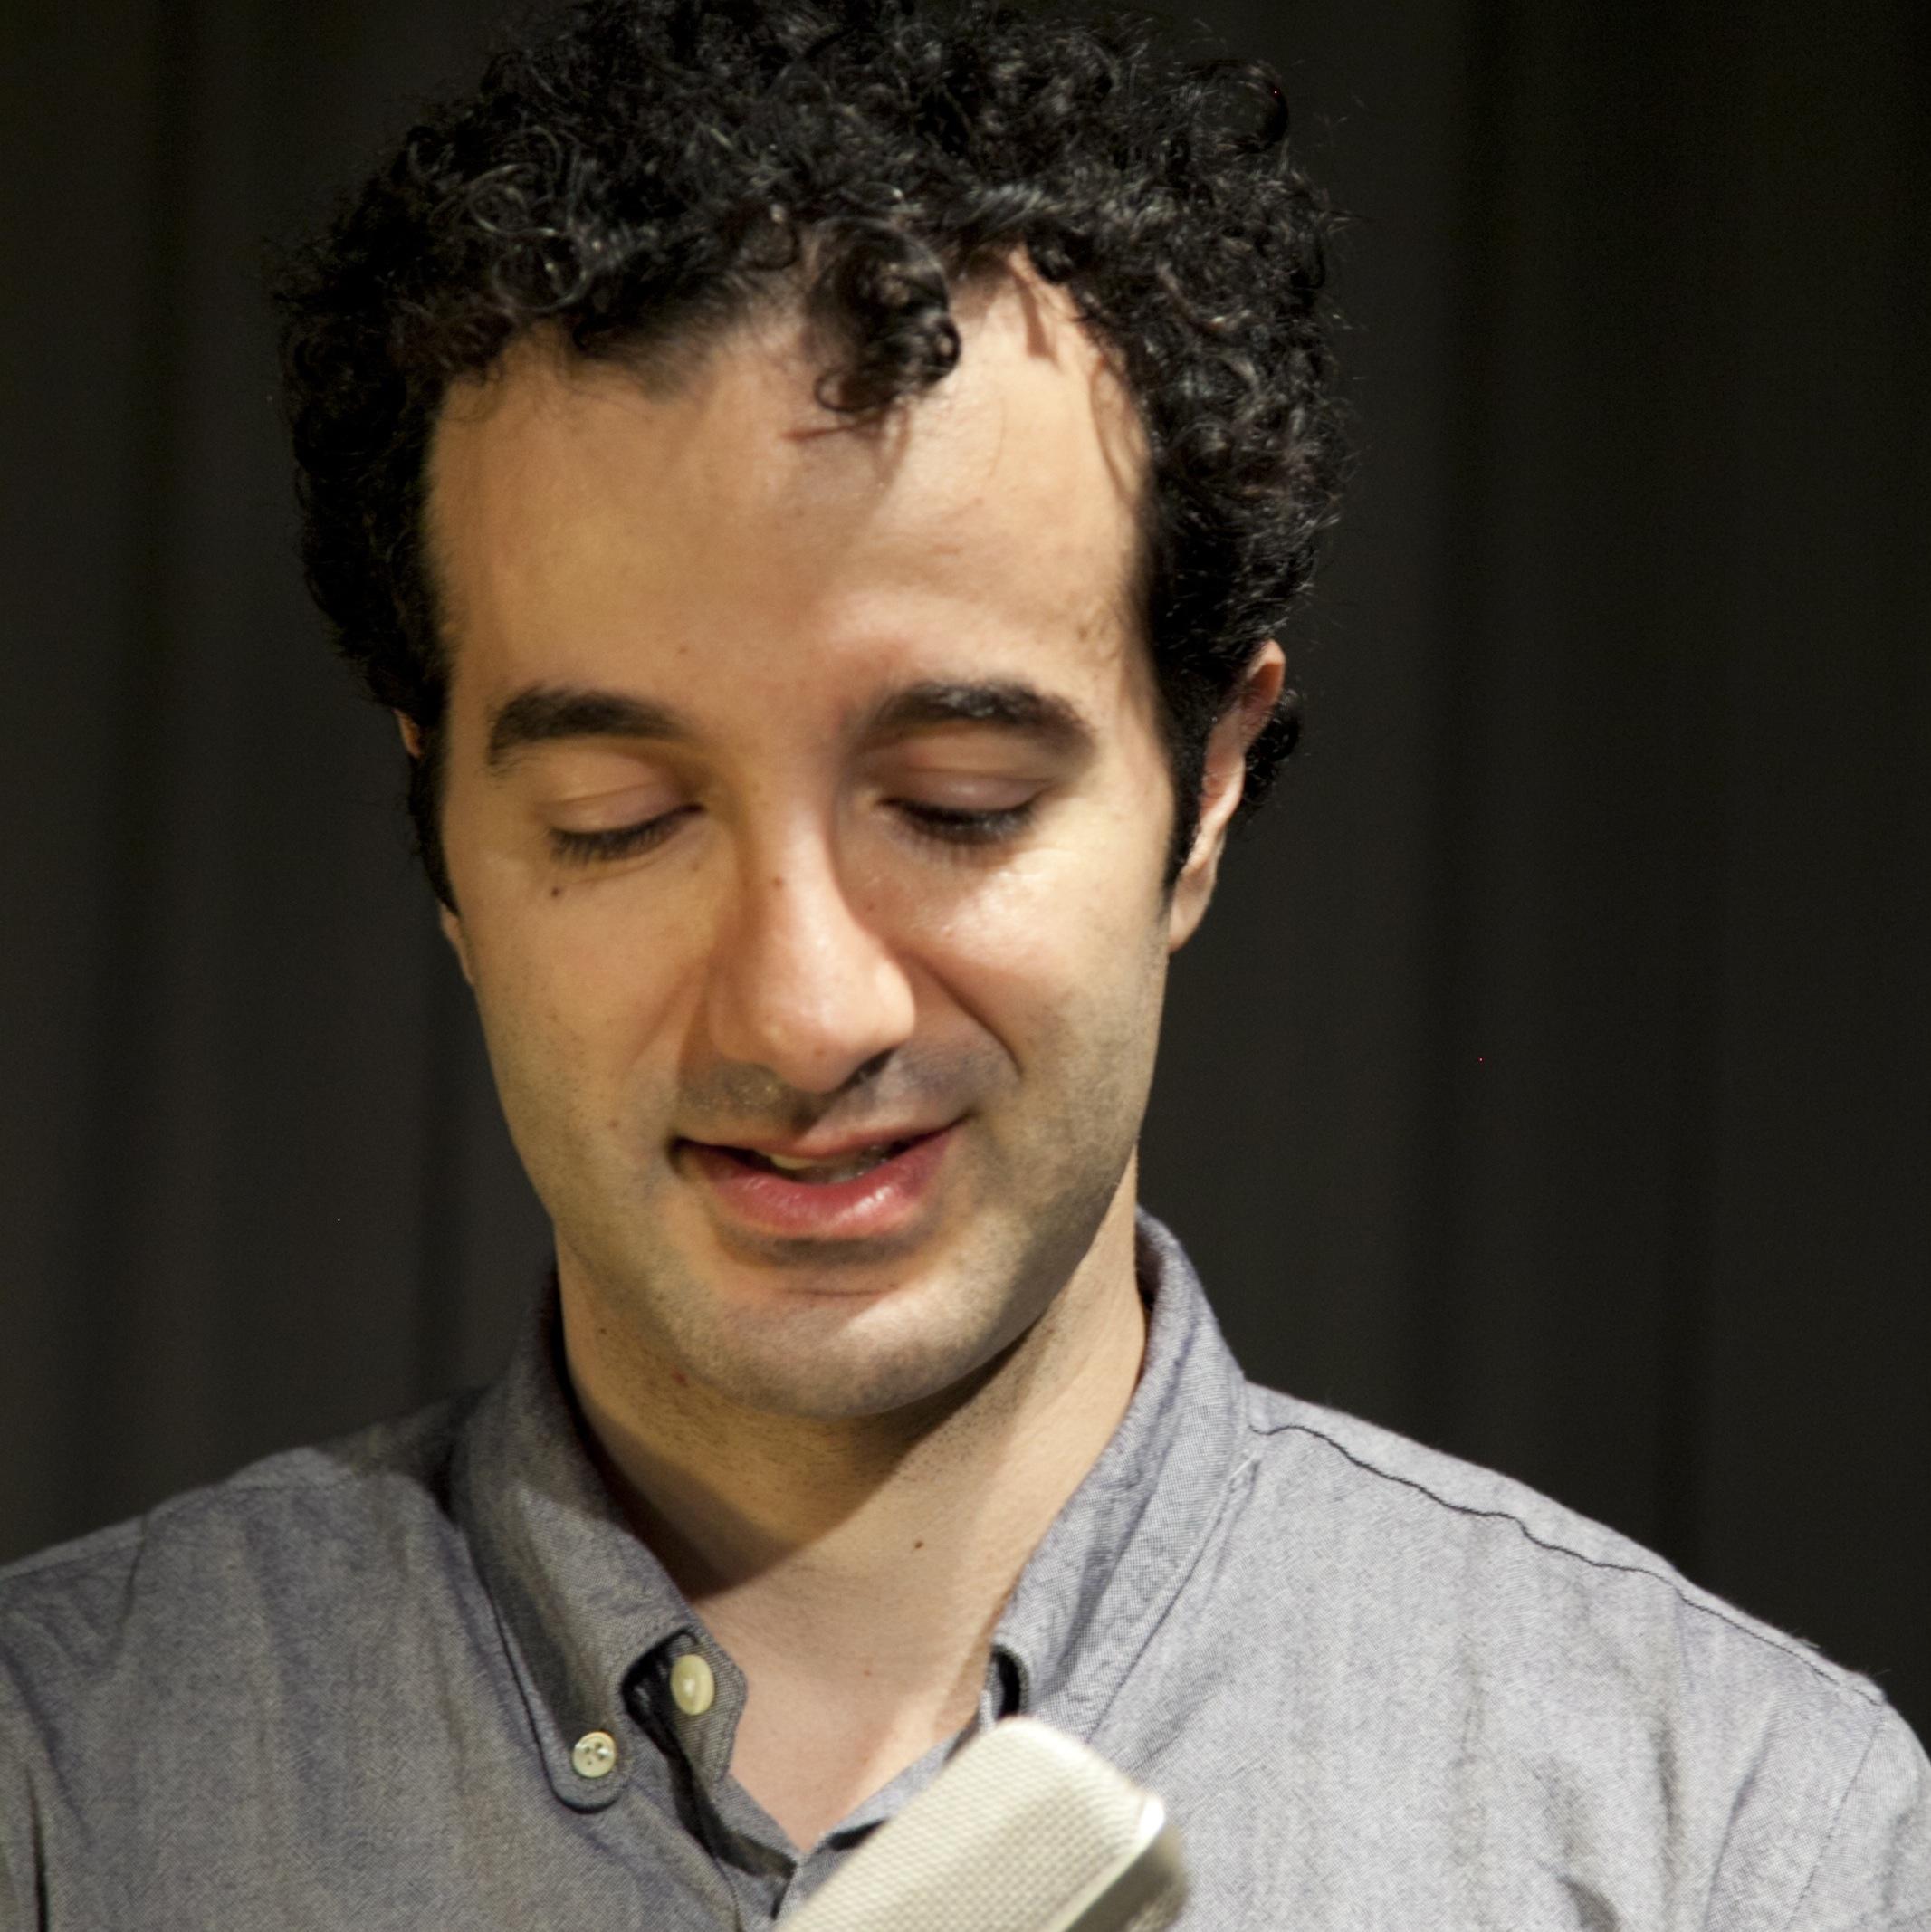 Photo of Jad Abumrad